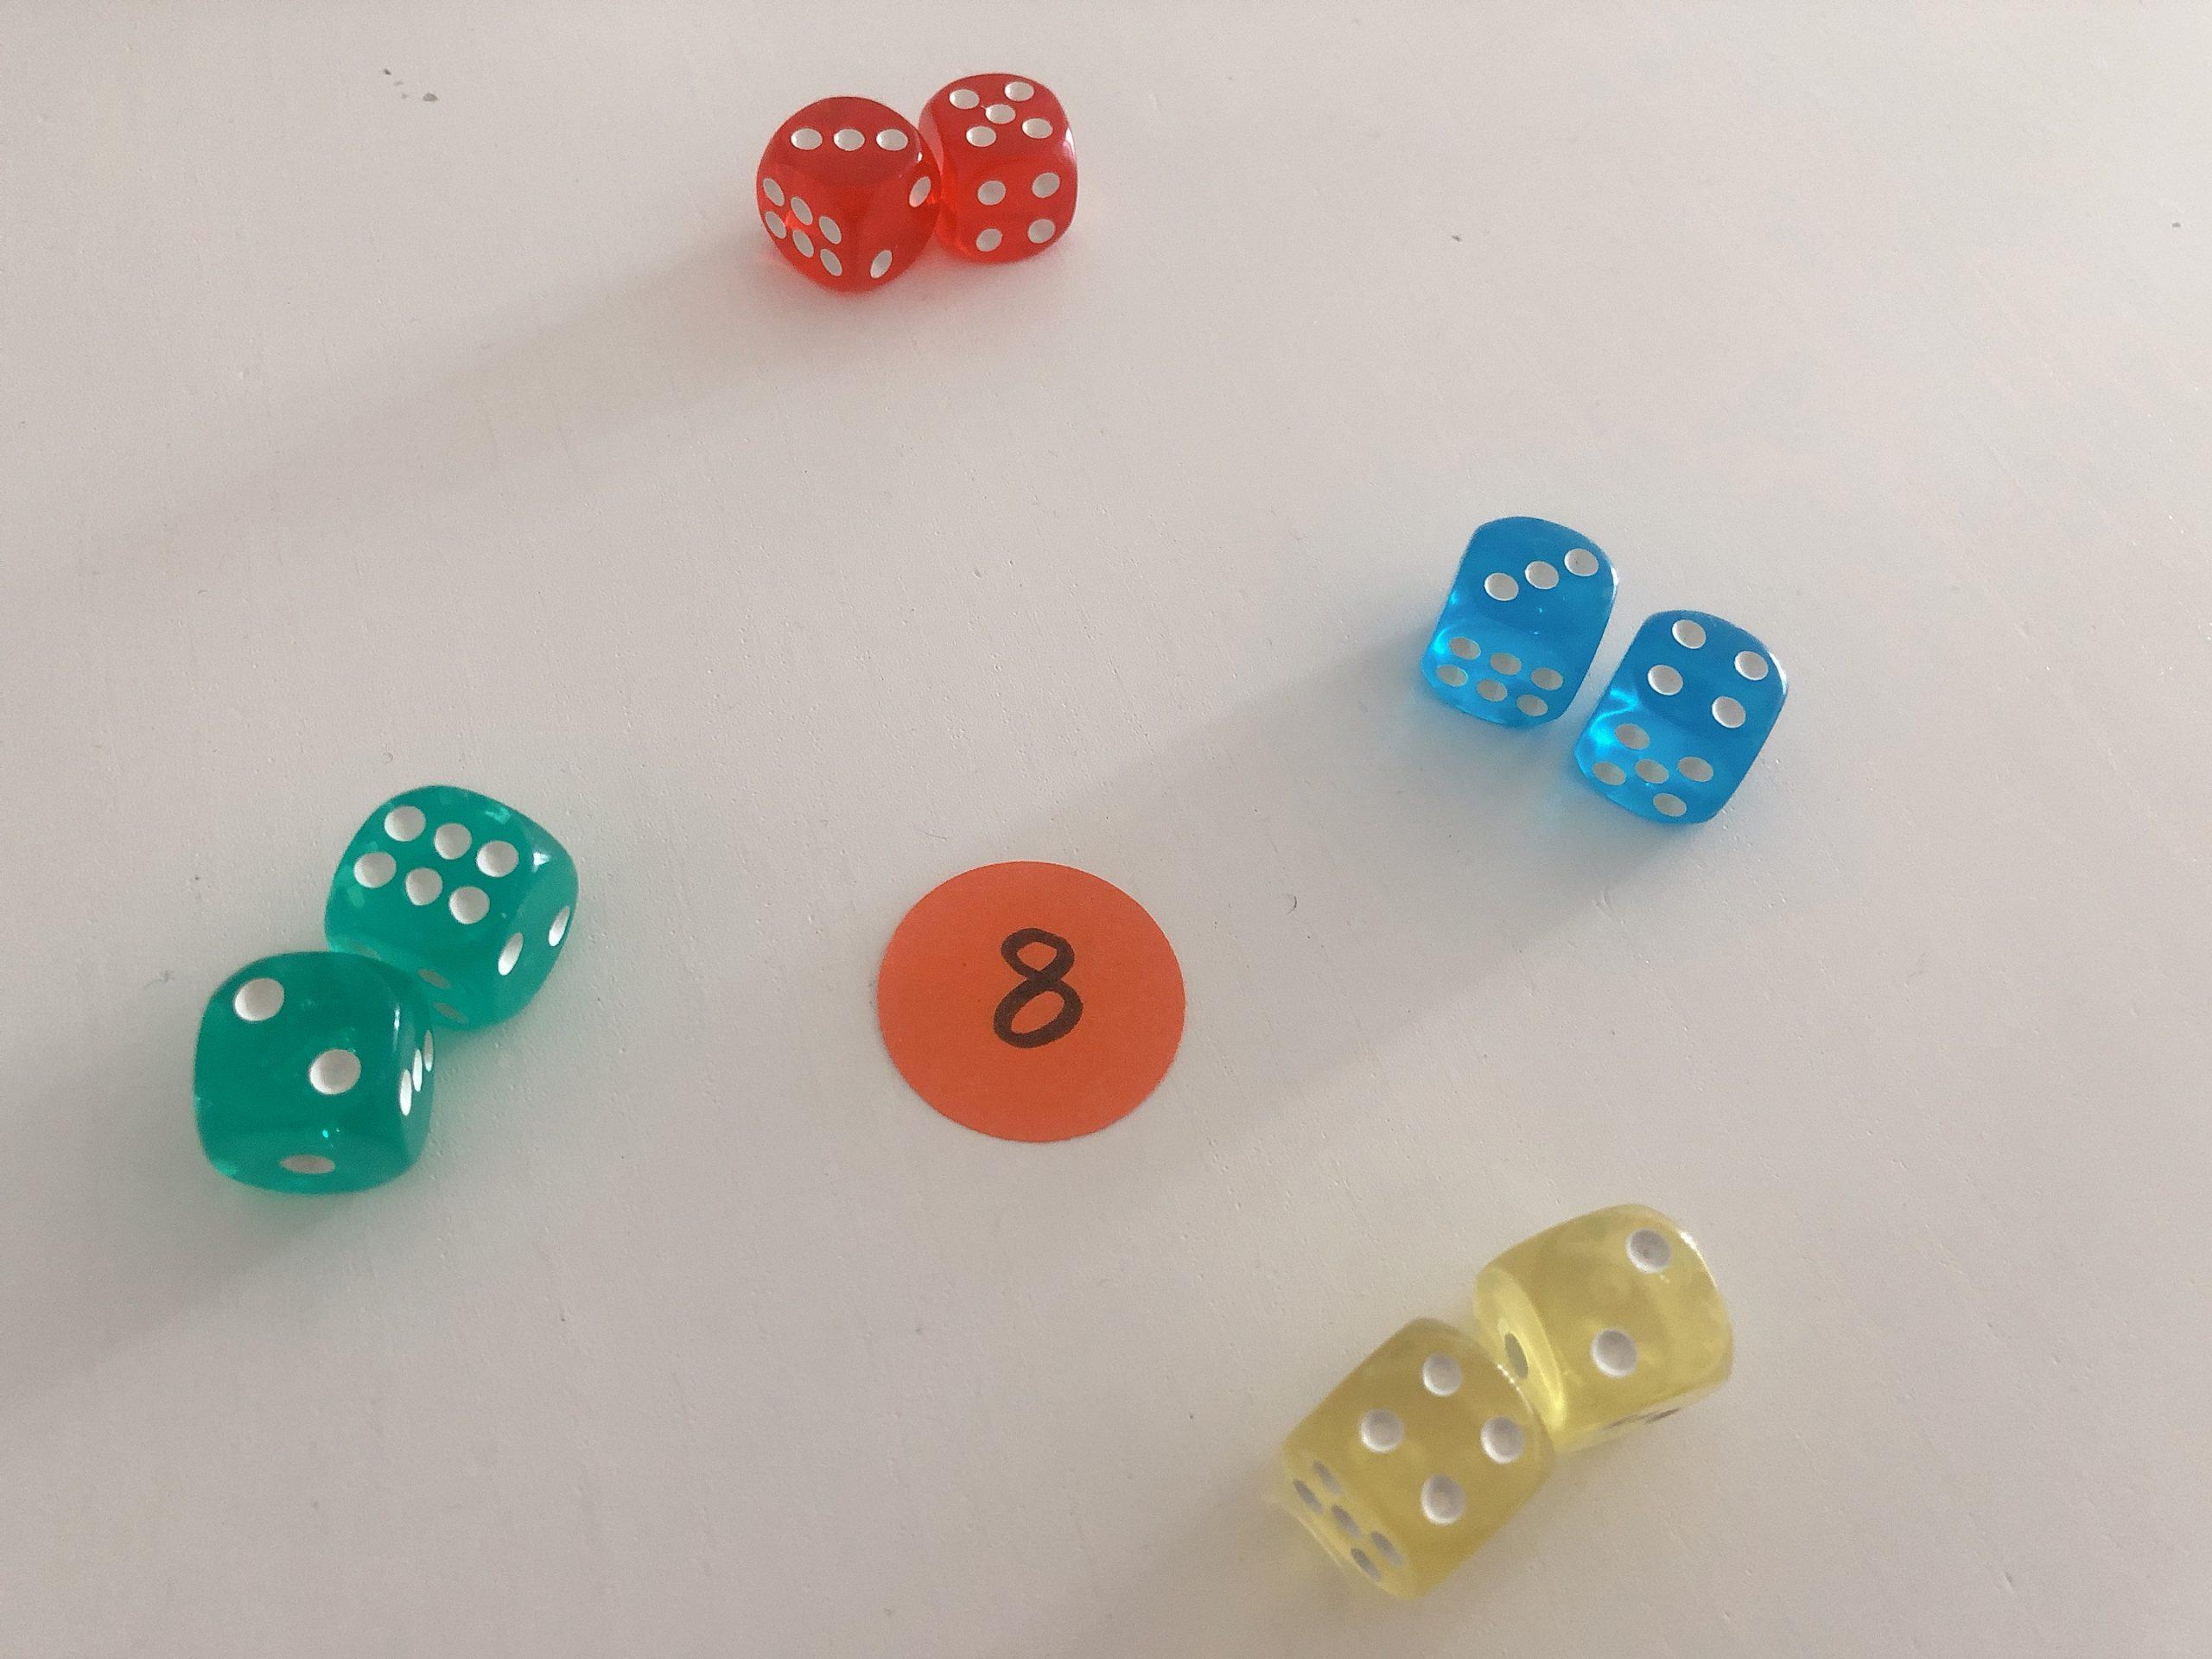 juegos matematicos con dados